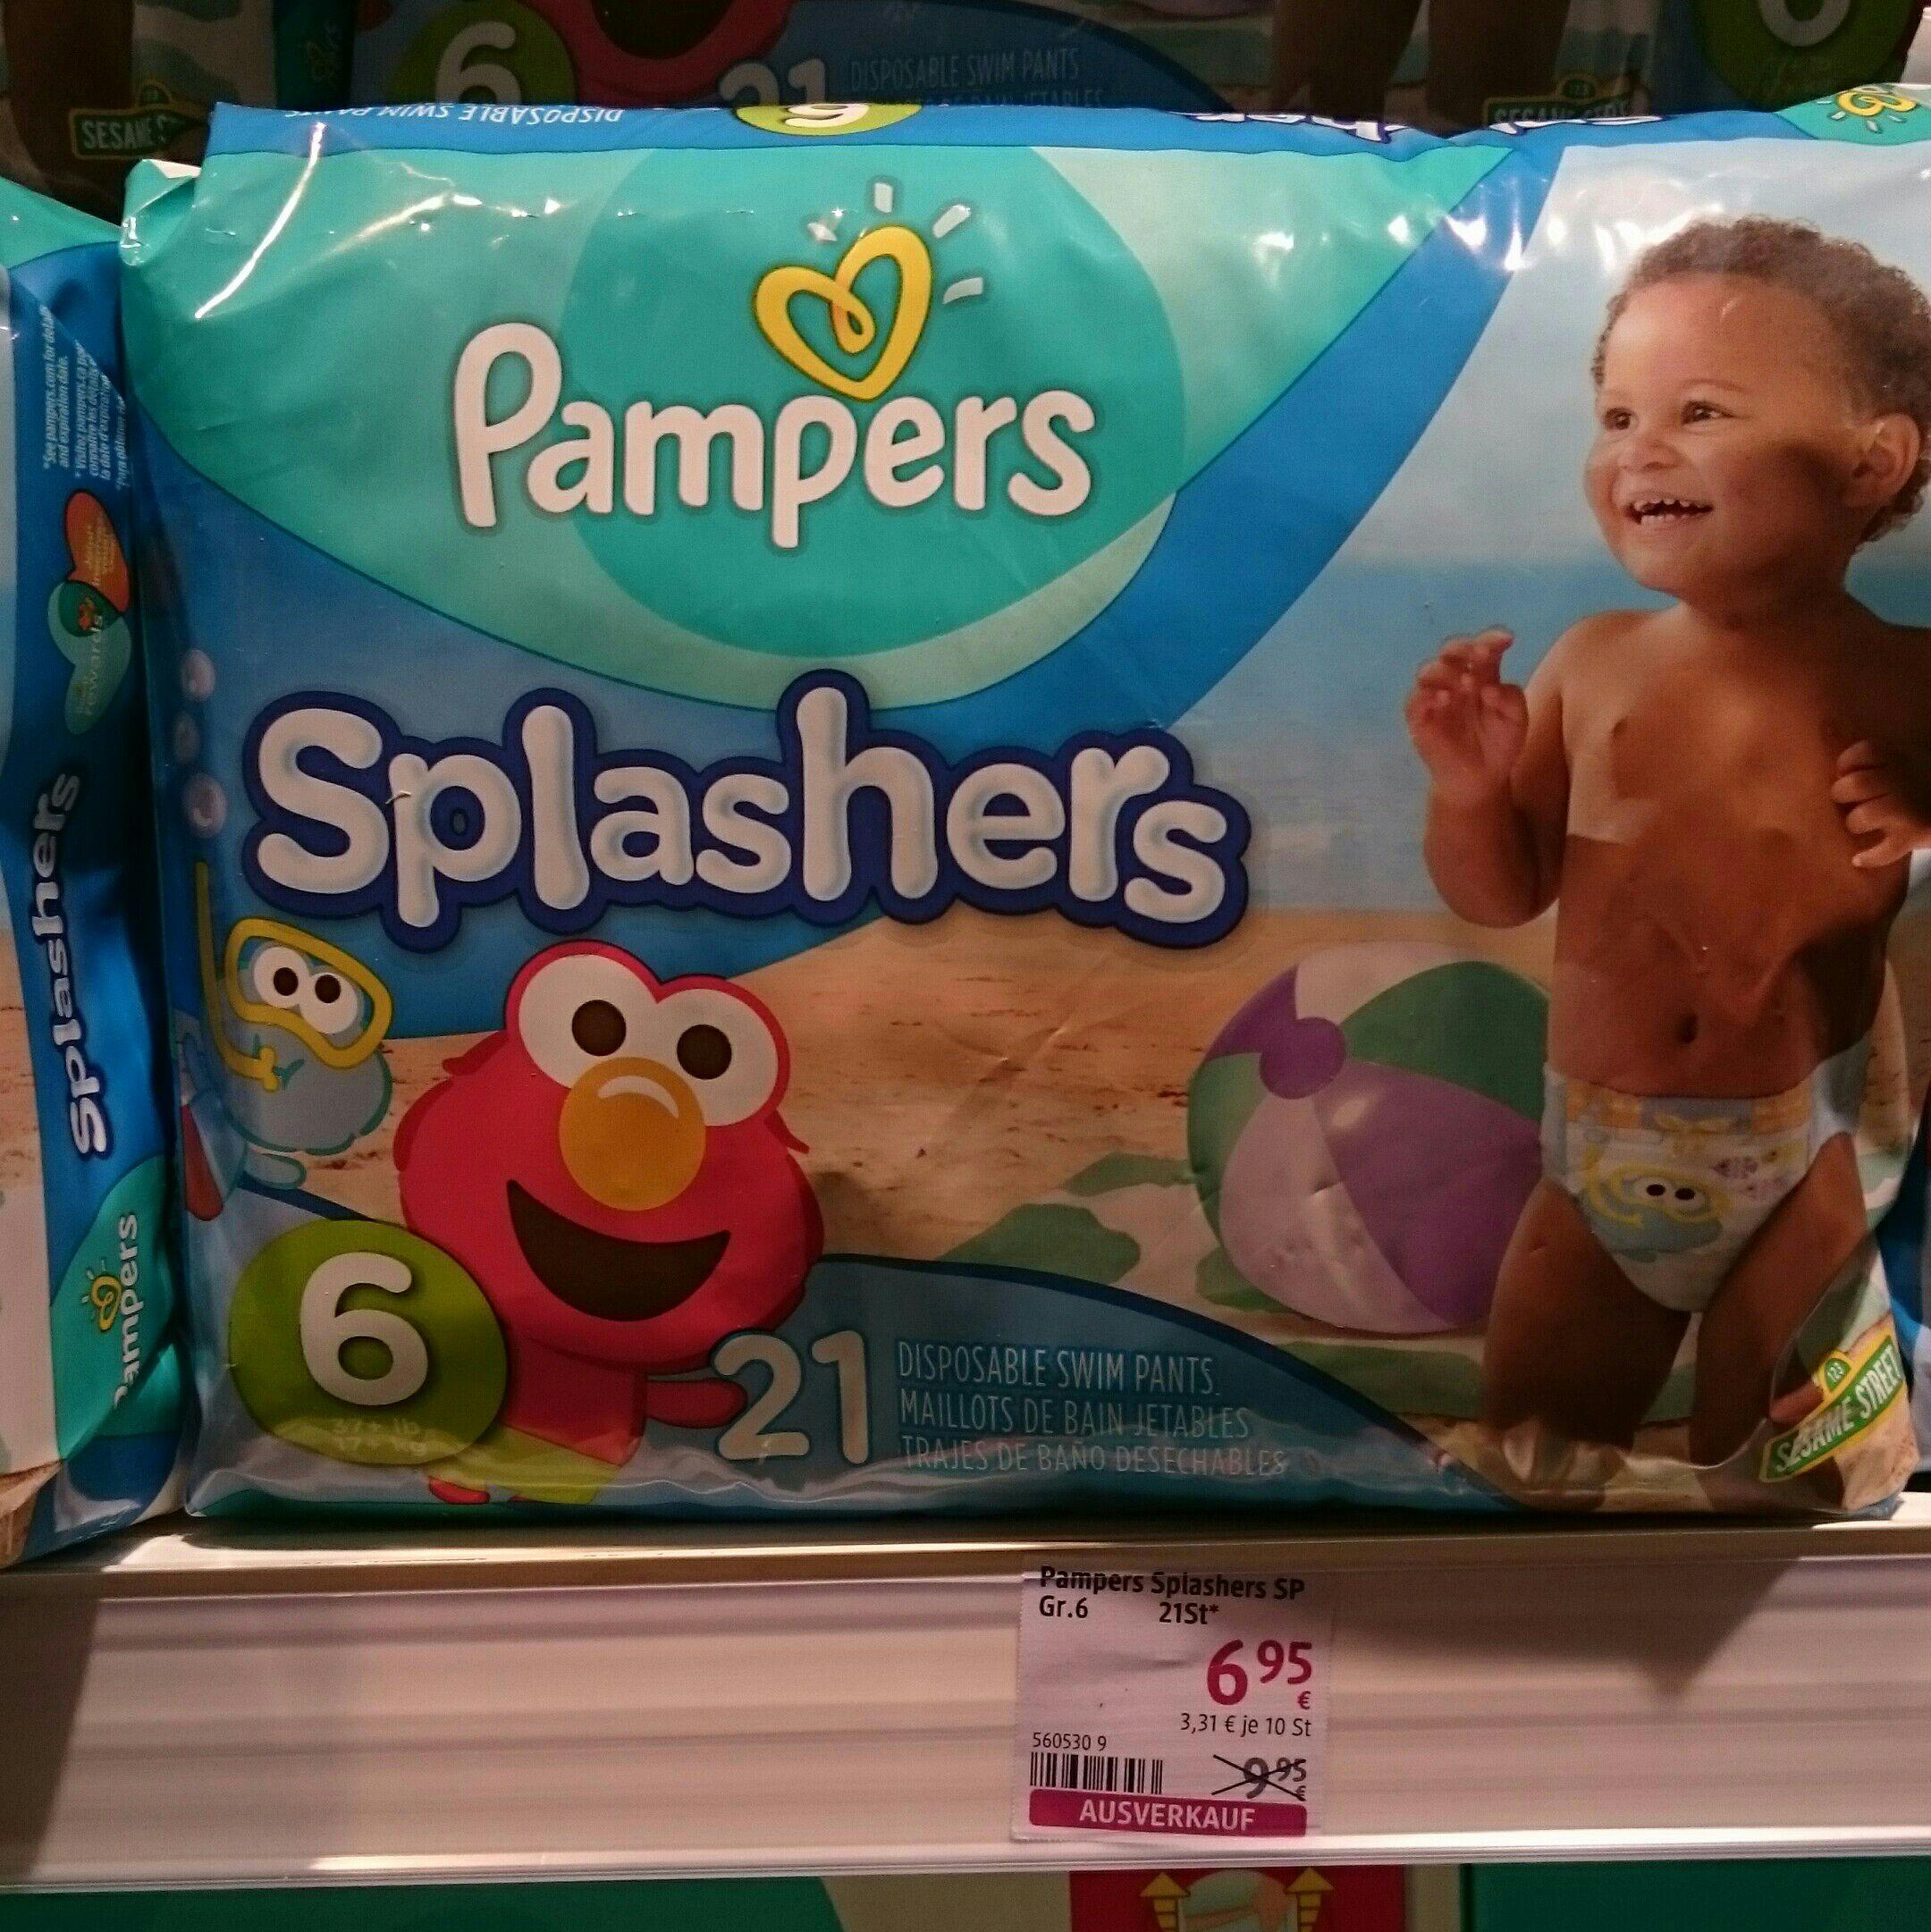 Pampers Splashers 21 Schwimmwindeln in Größe 6 für 6,95 €